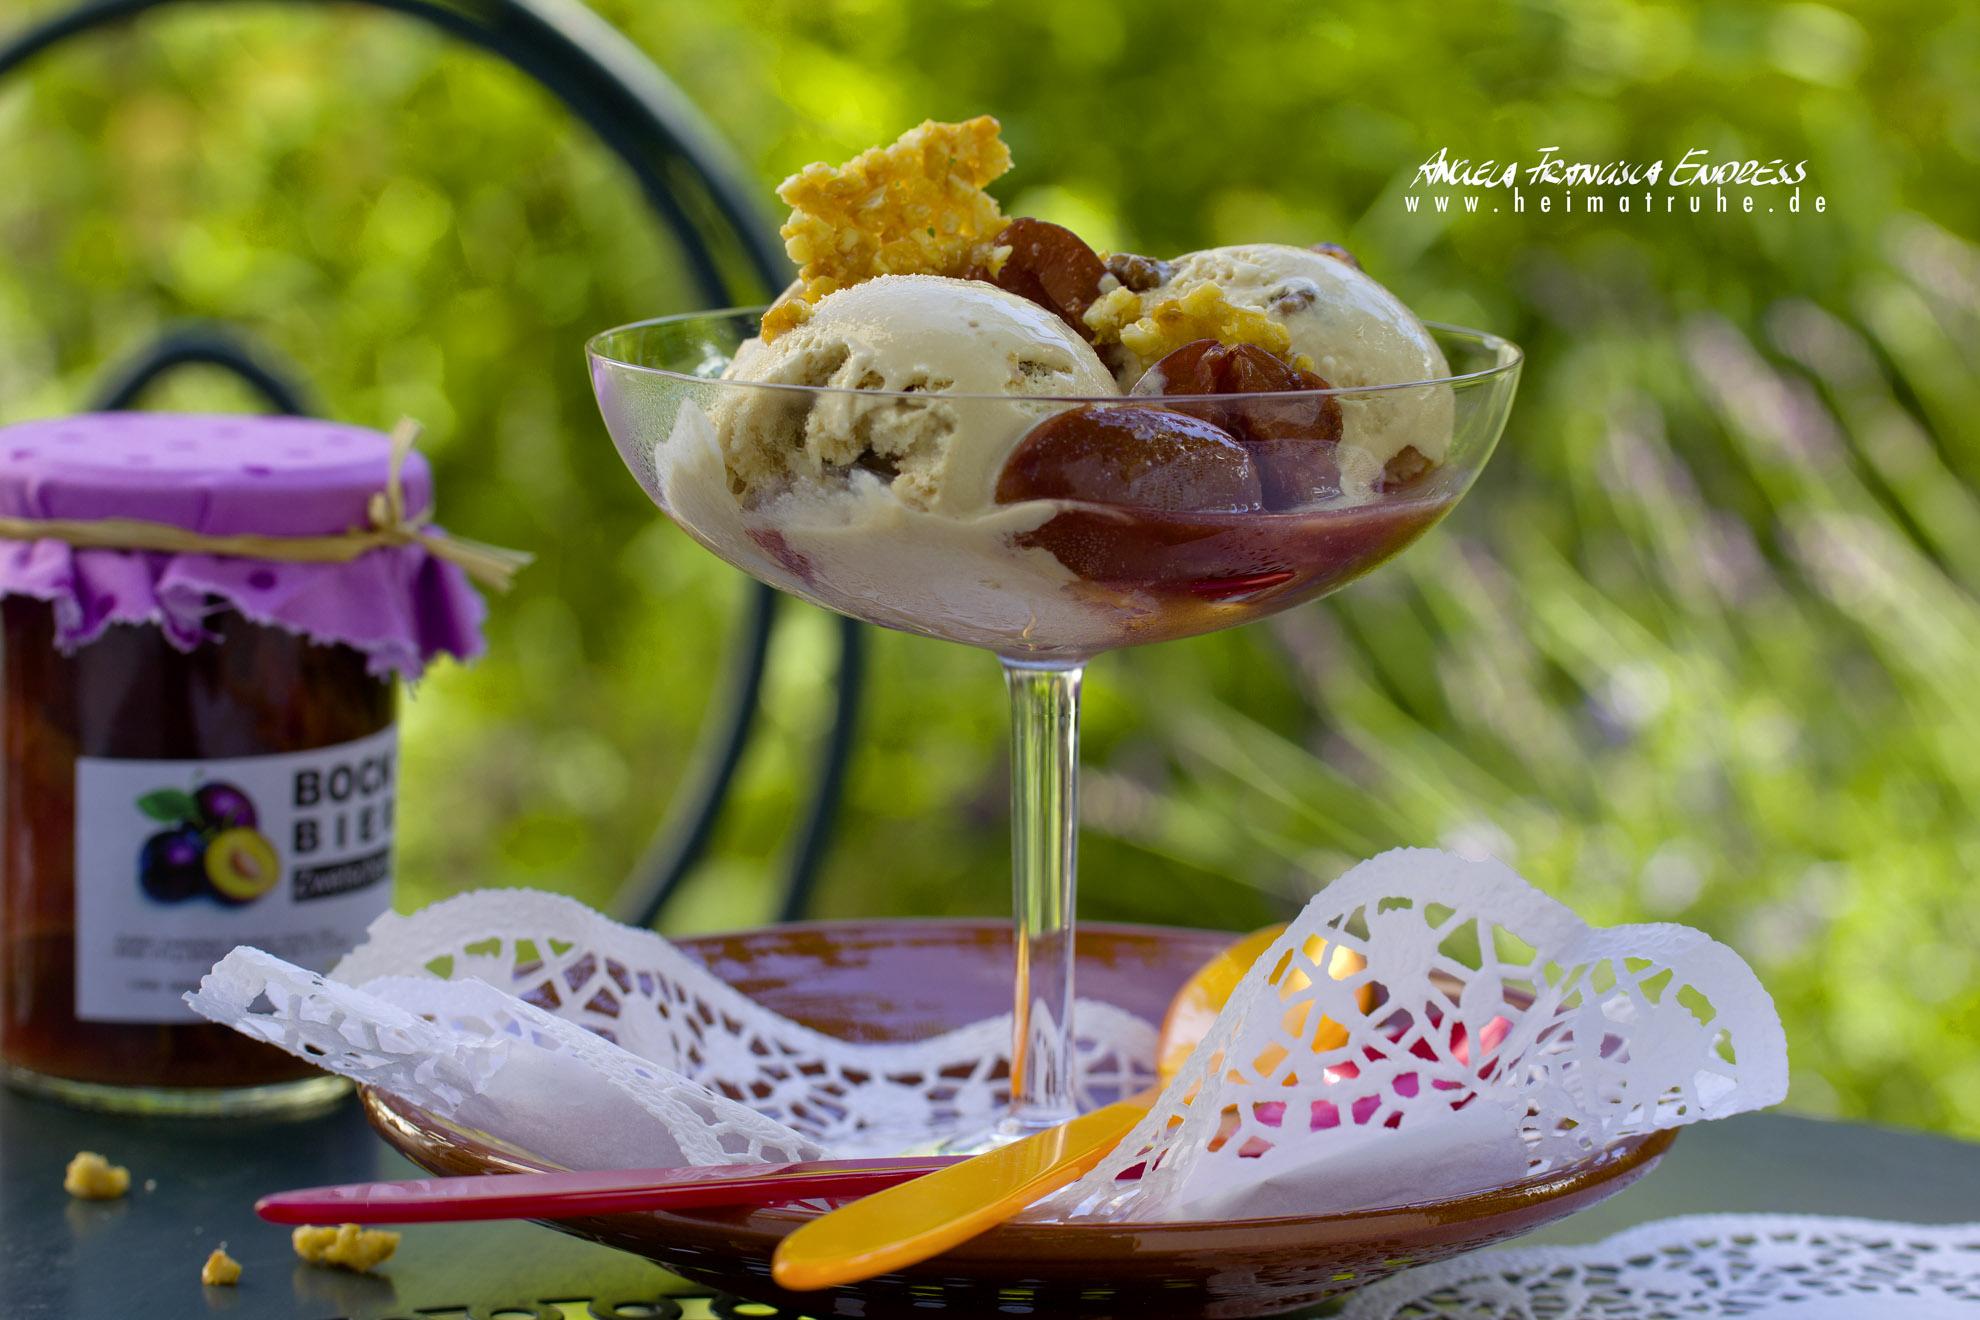 Glas mit Eiscreme Bällchen und Bockbier Zwetschgen im Garten